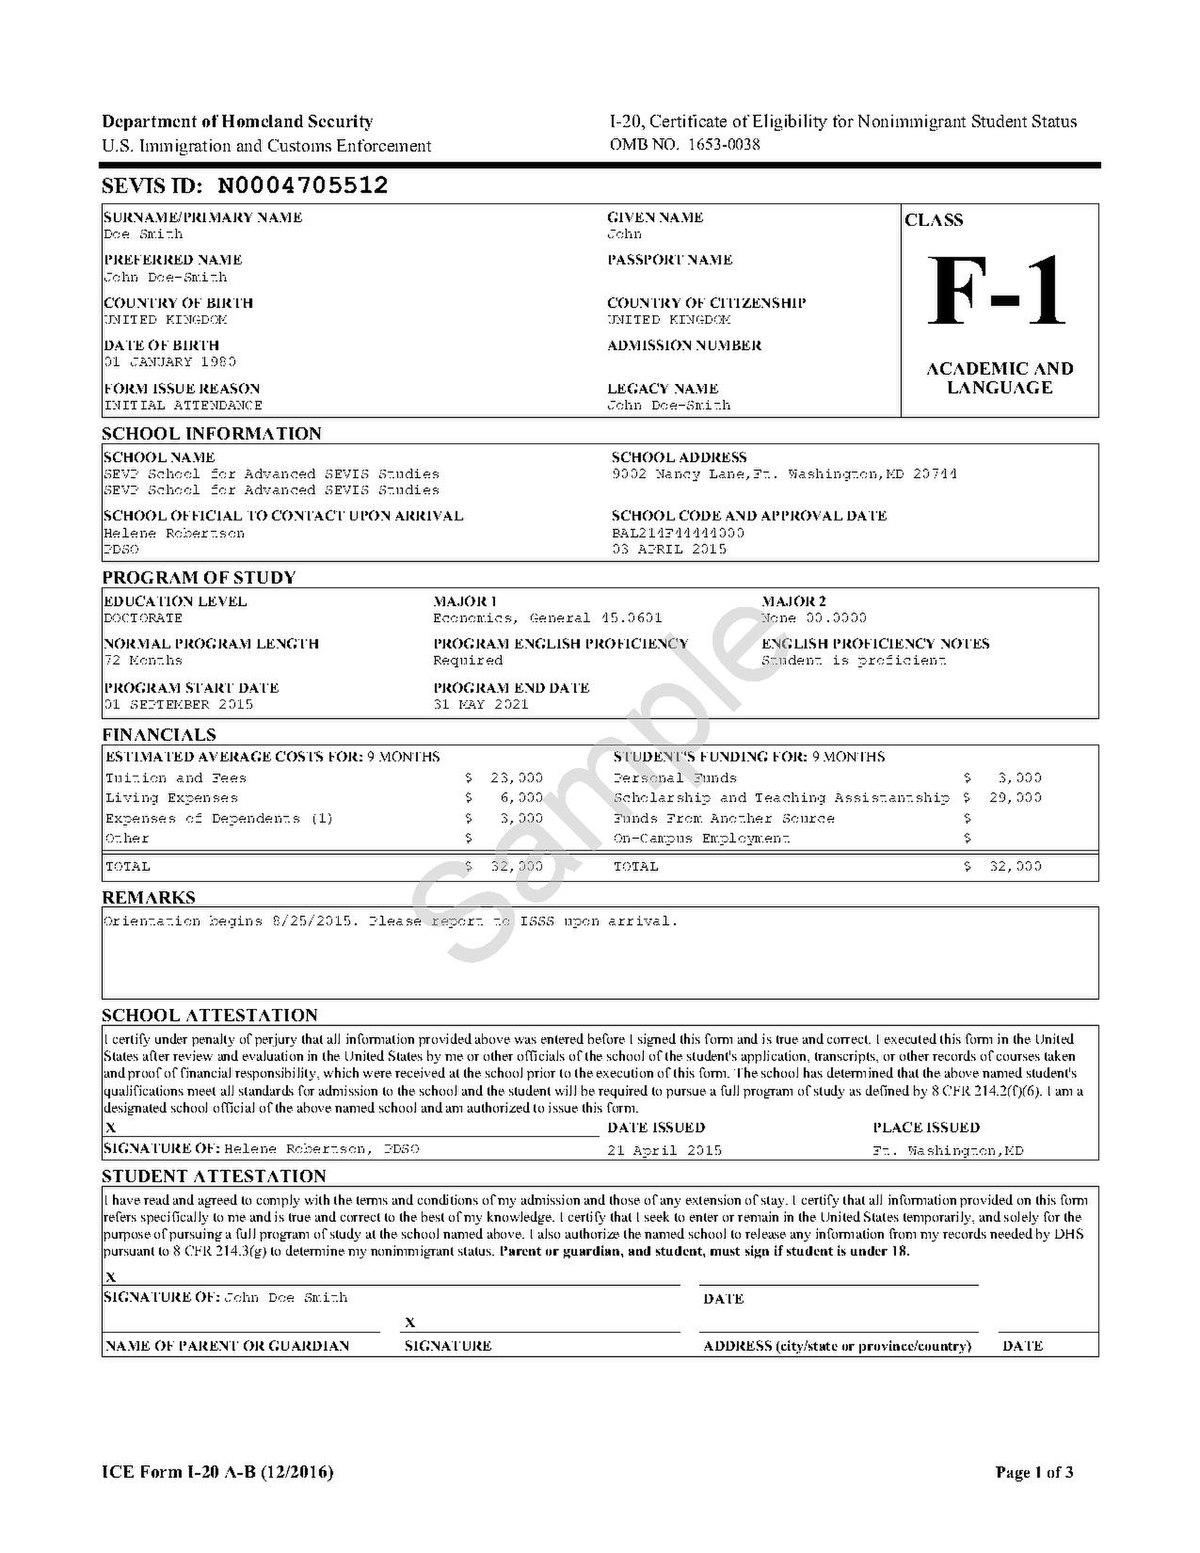 Free Online Registration Form